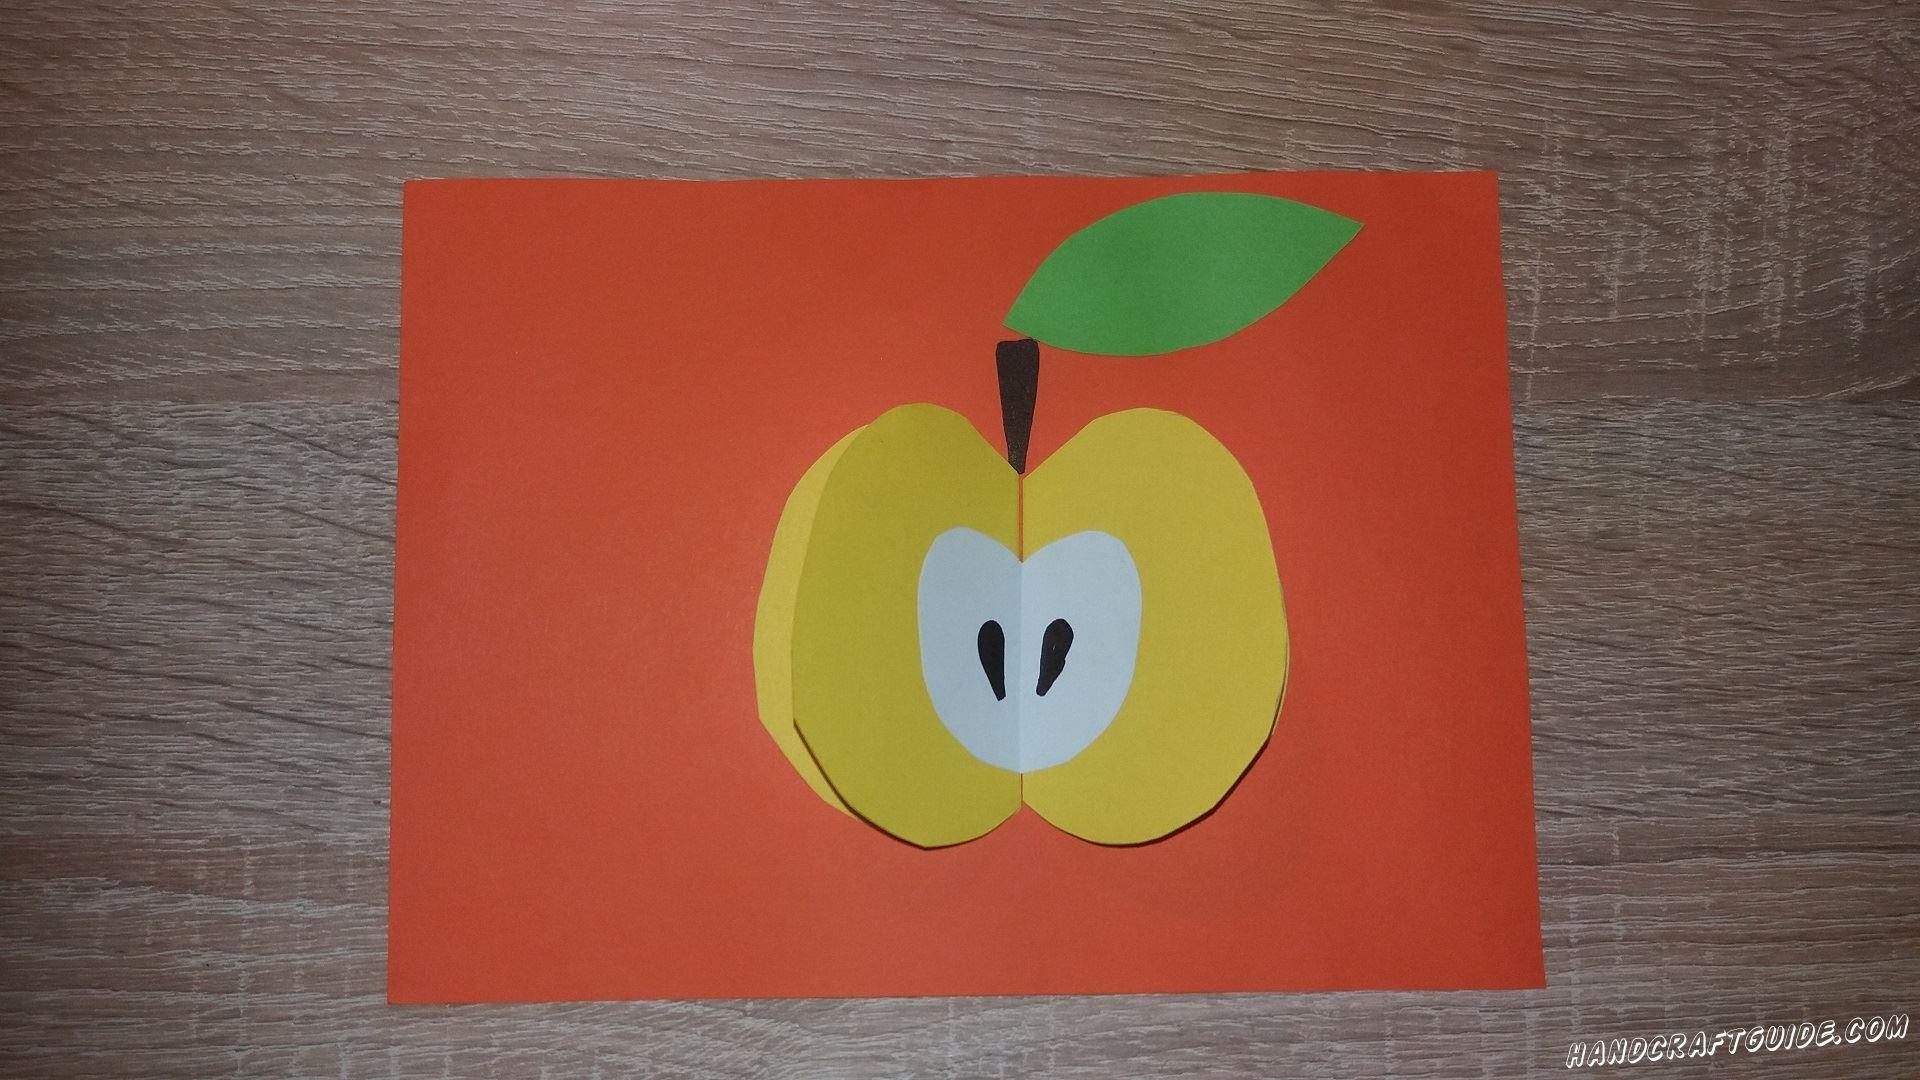 Привет всем! Давайте вместе сделаем яблочко на красивом красном фоне.